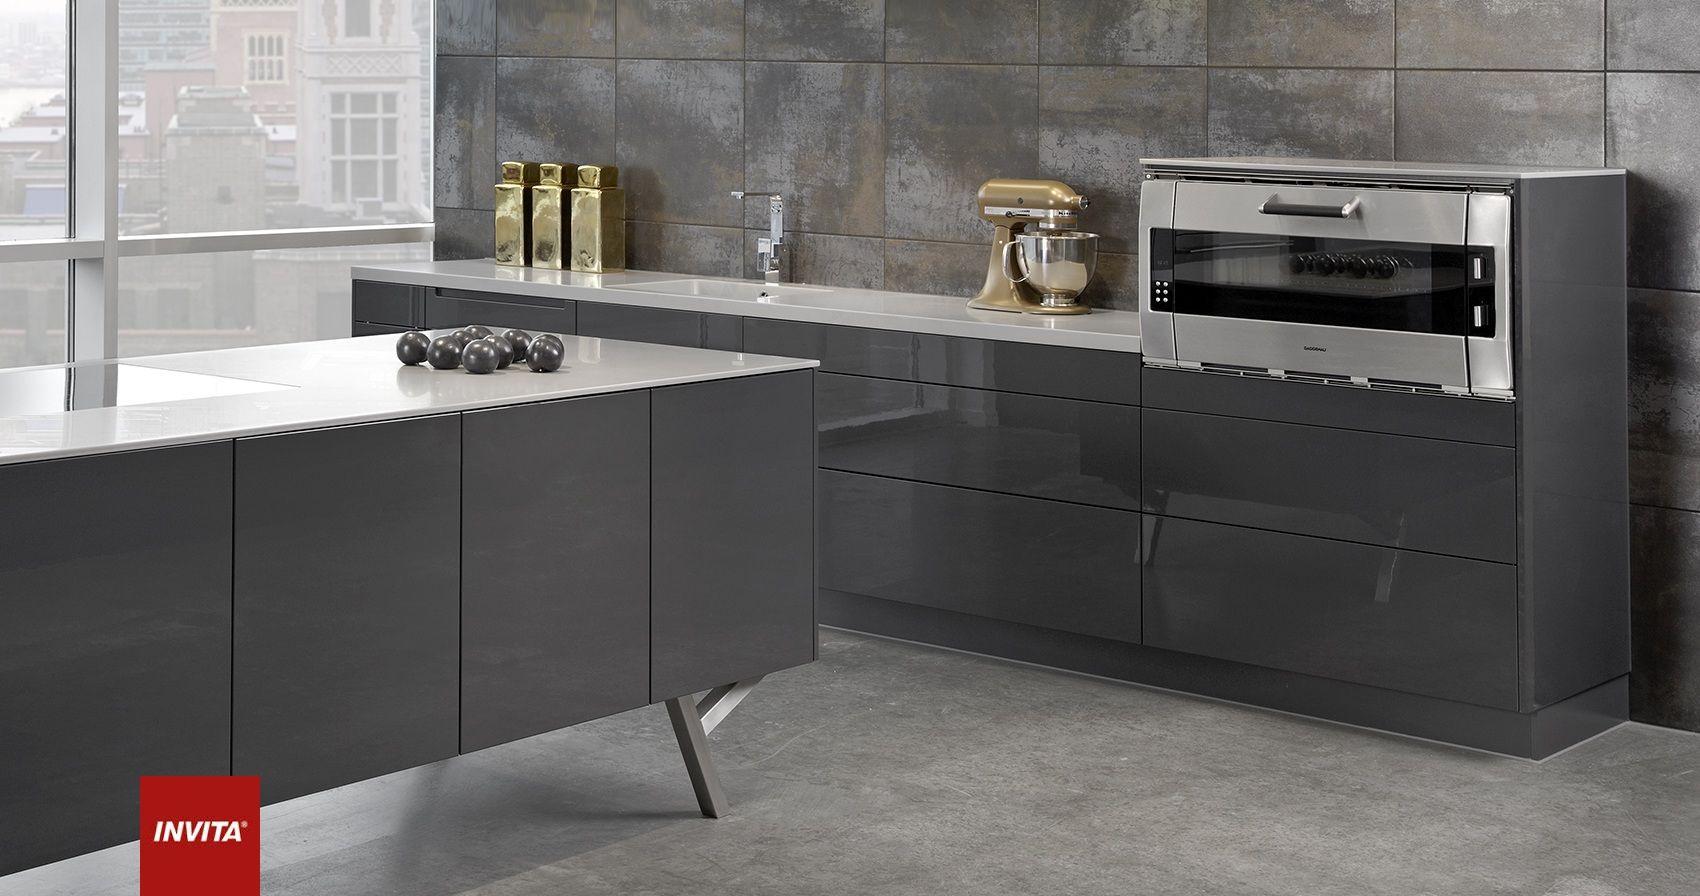 Athena køkken lavagrå højglans er et spændende alternativ til de ...